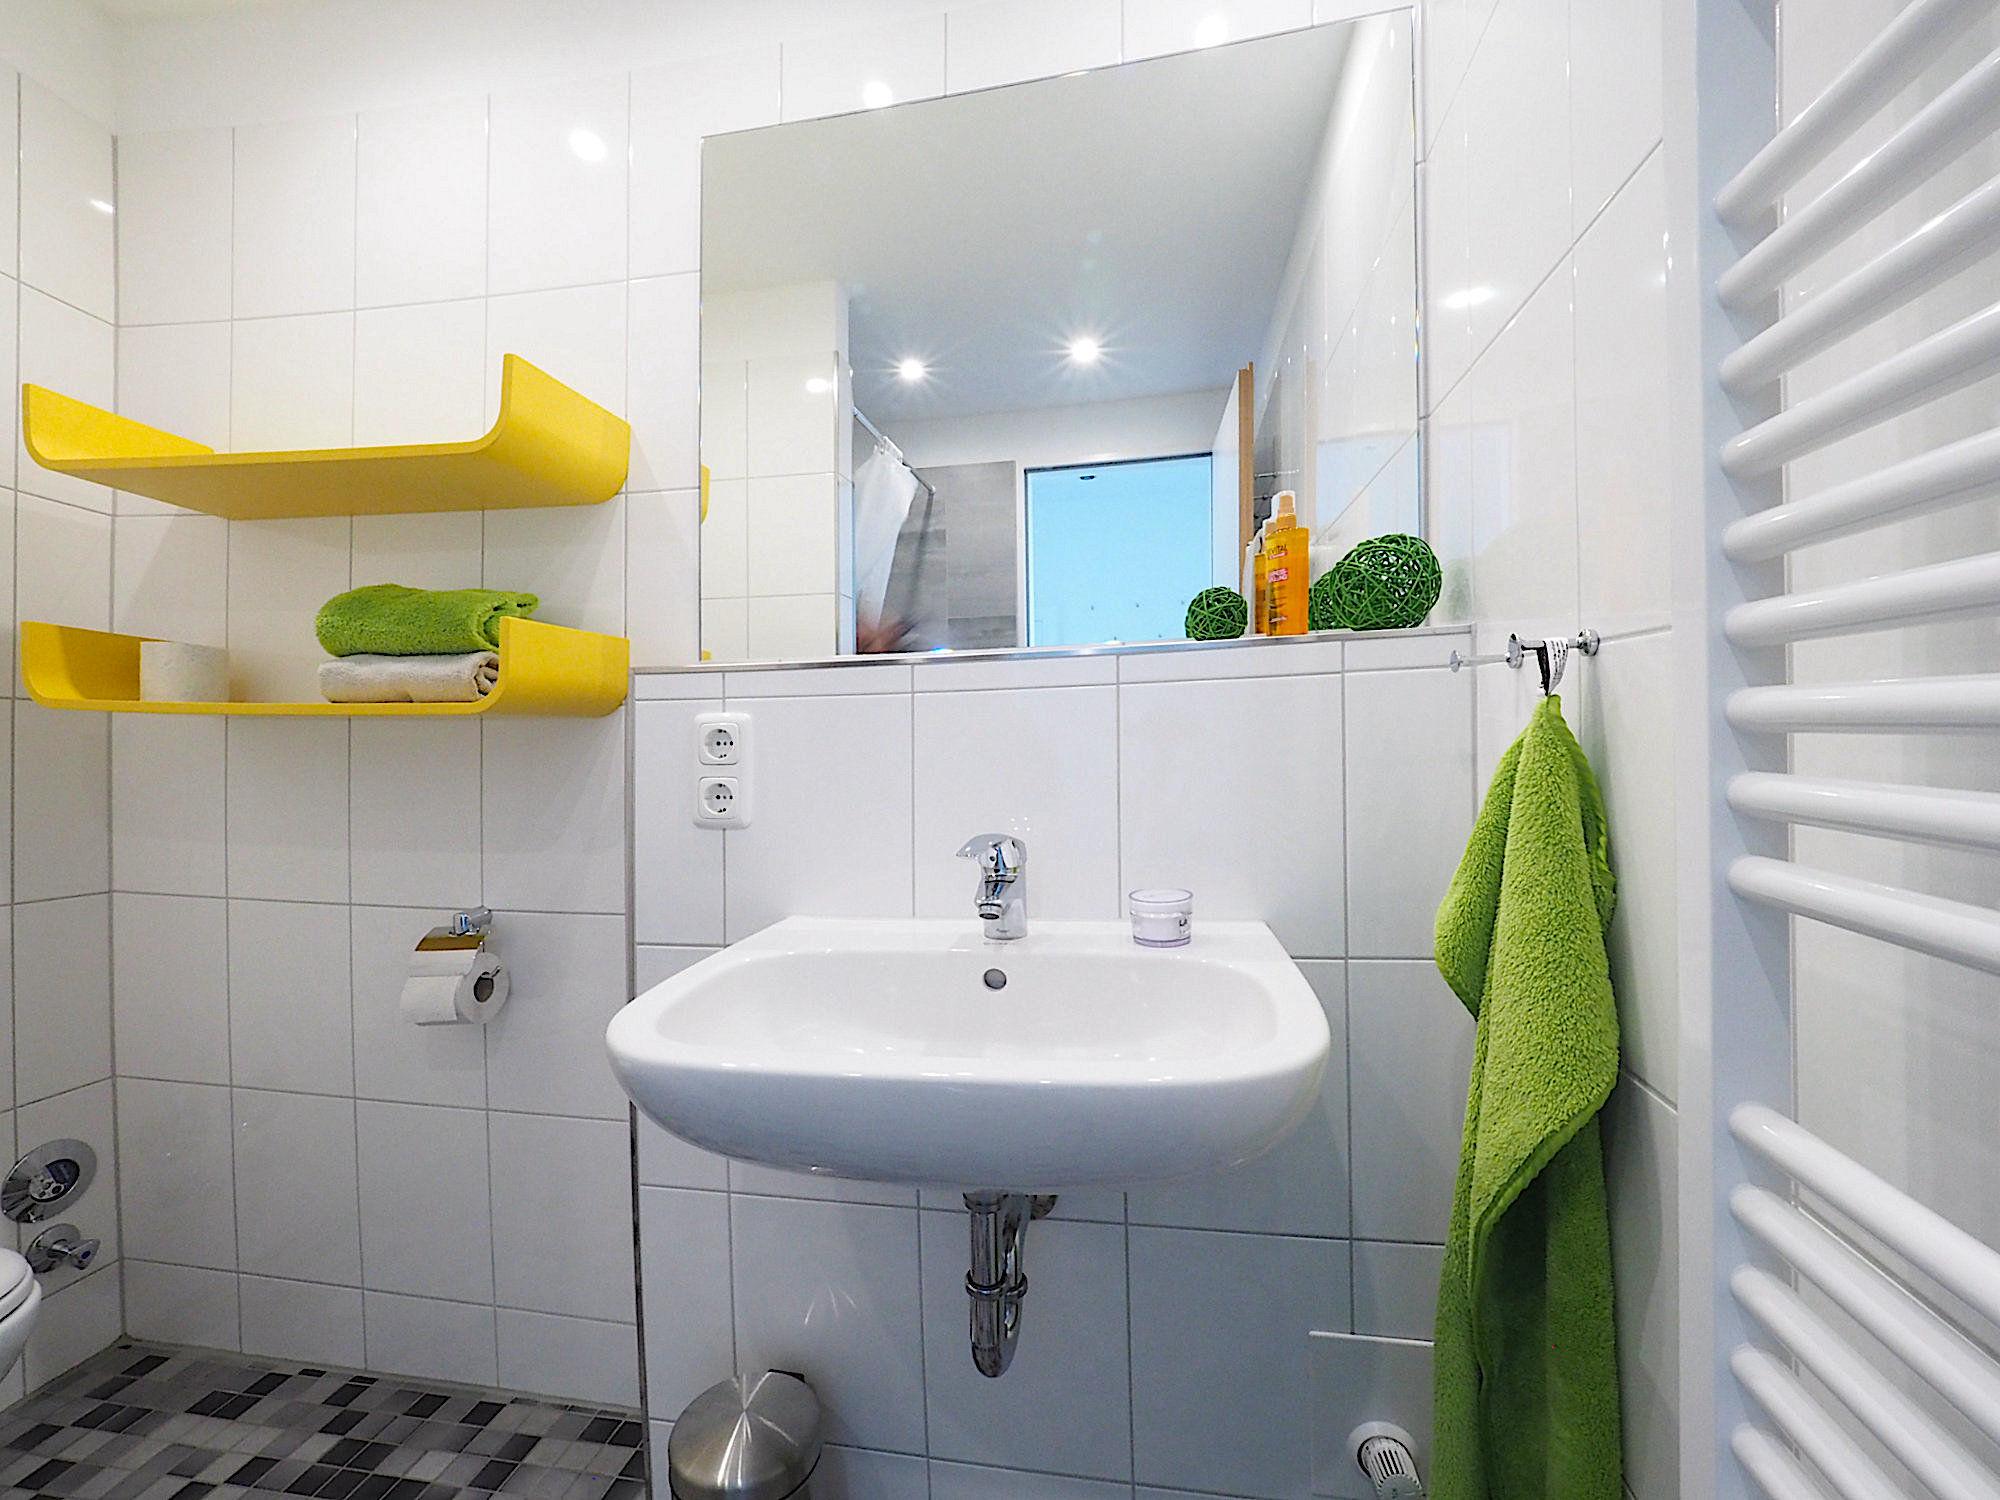 Duschbad mit zwei Regalen Waschbecken und Handtuchheizung